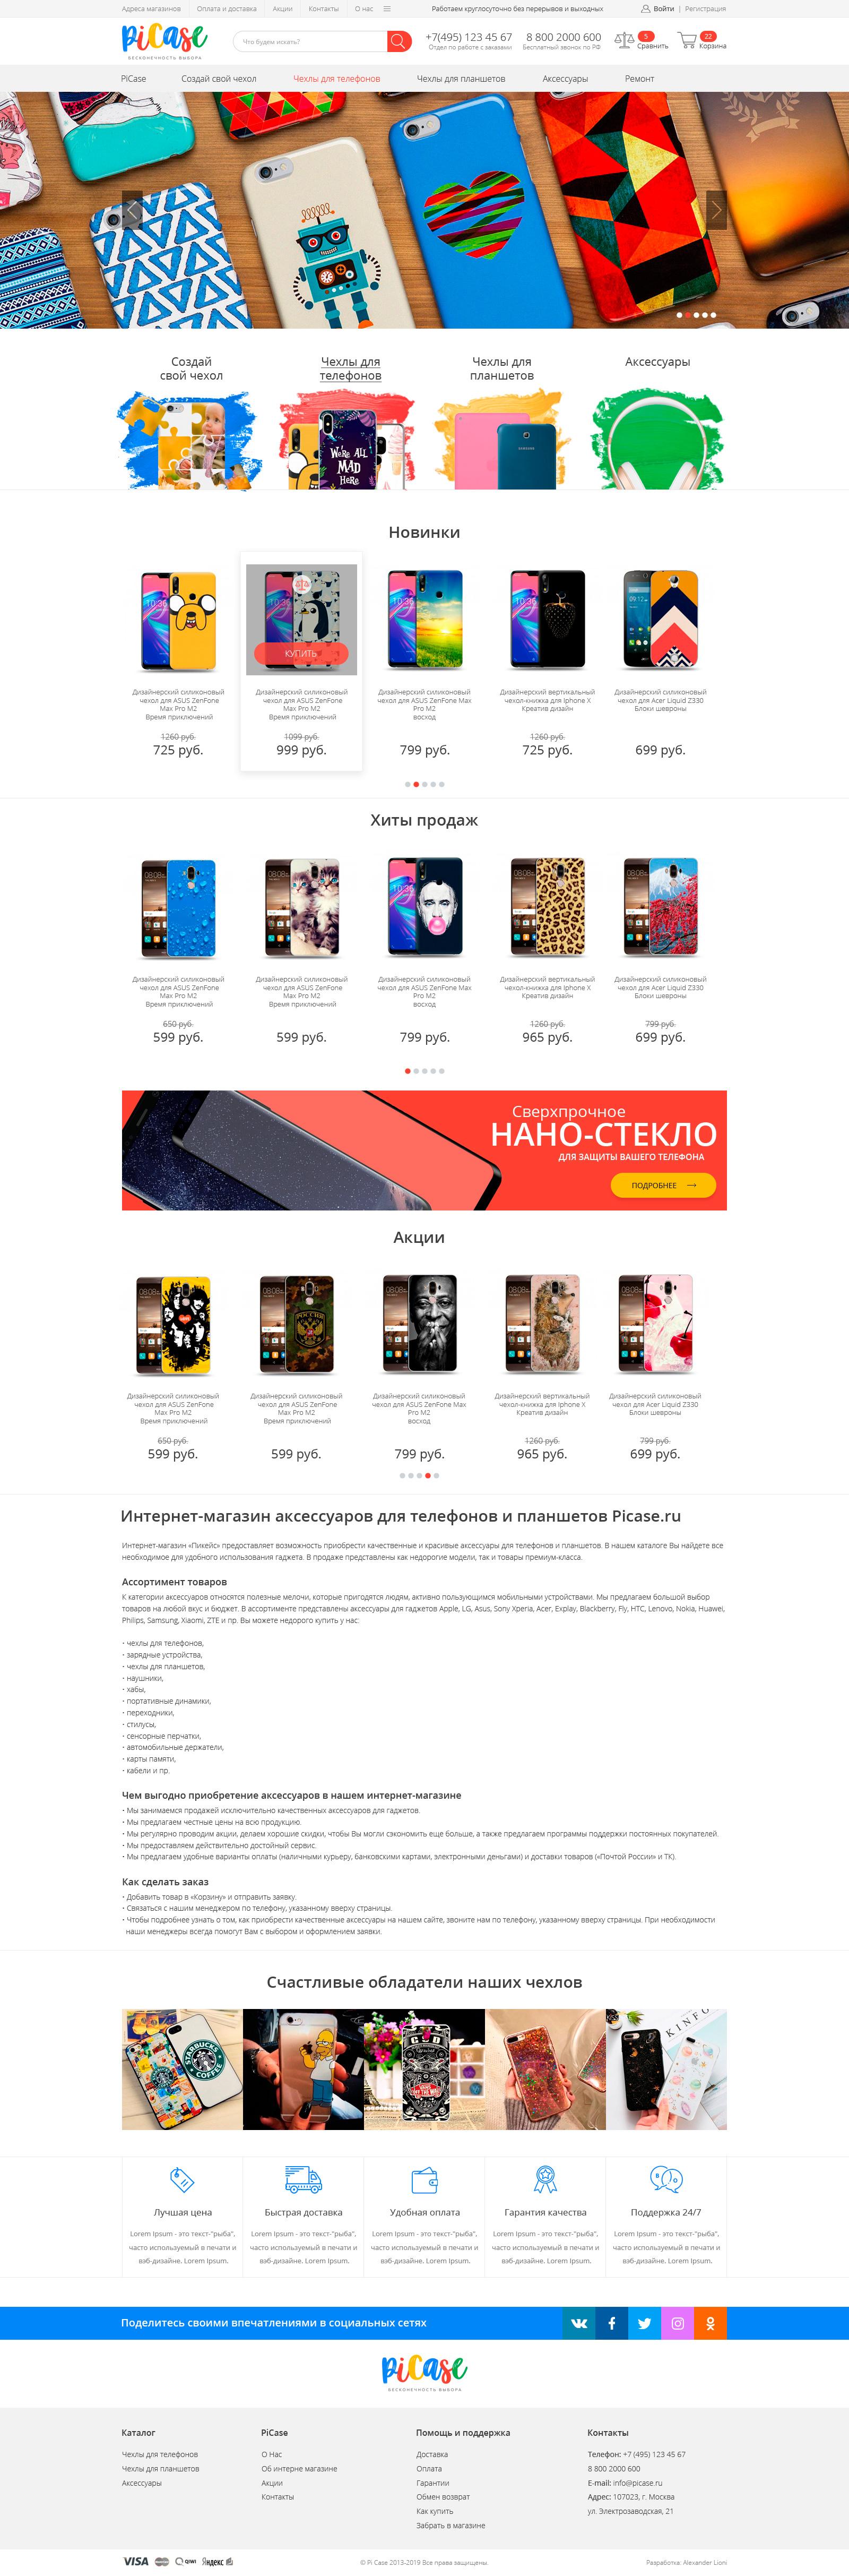 Picase.ru  Интернет-магазин чехлов и аксессуаров для телефонов